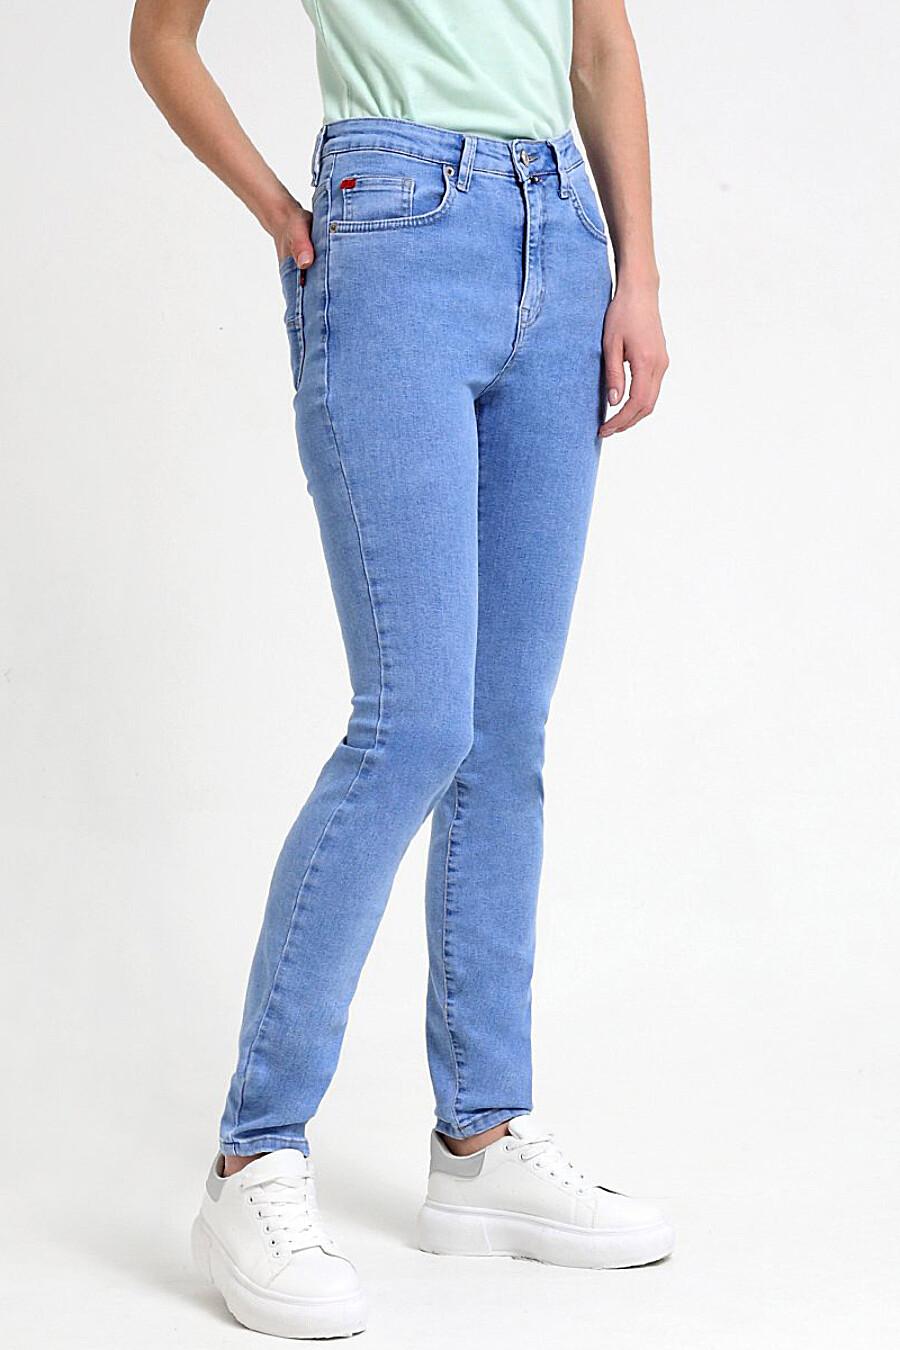 Джинсы для женщин F5 184831 купить оптом от производителя. Совместная покупка женской одежды в OptMoyo